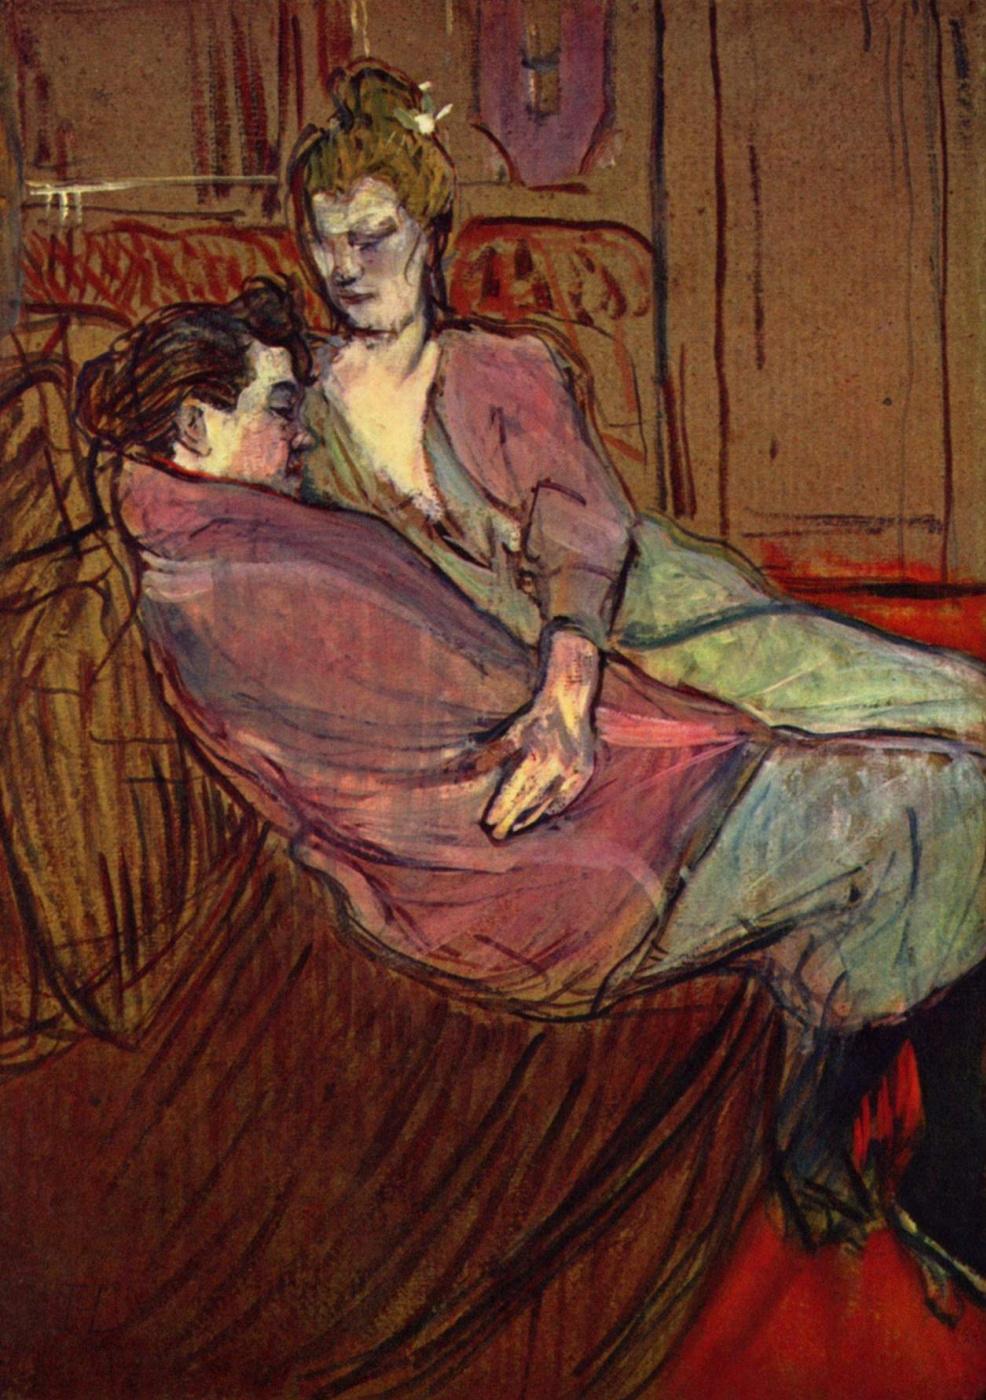 Henri de Toulouse-Lautrec. Two friends